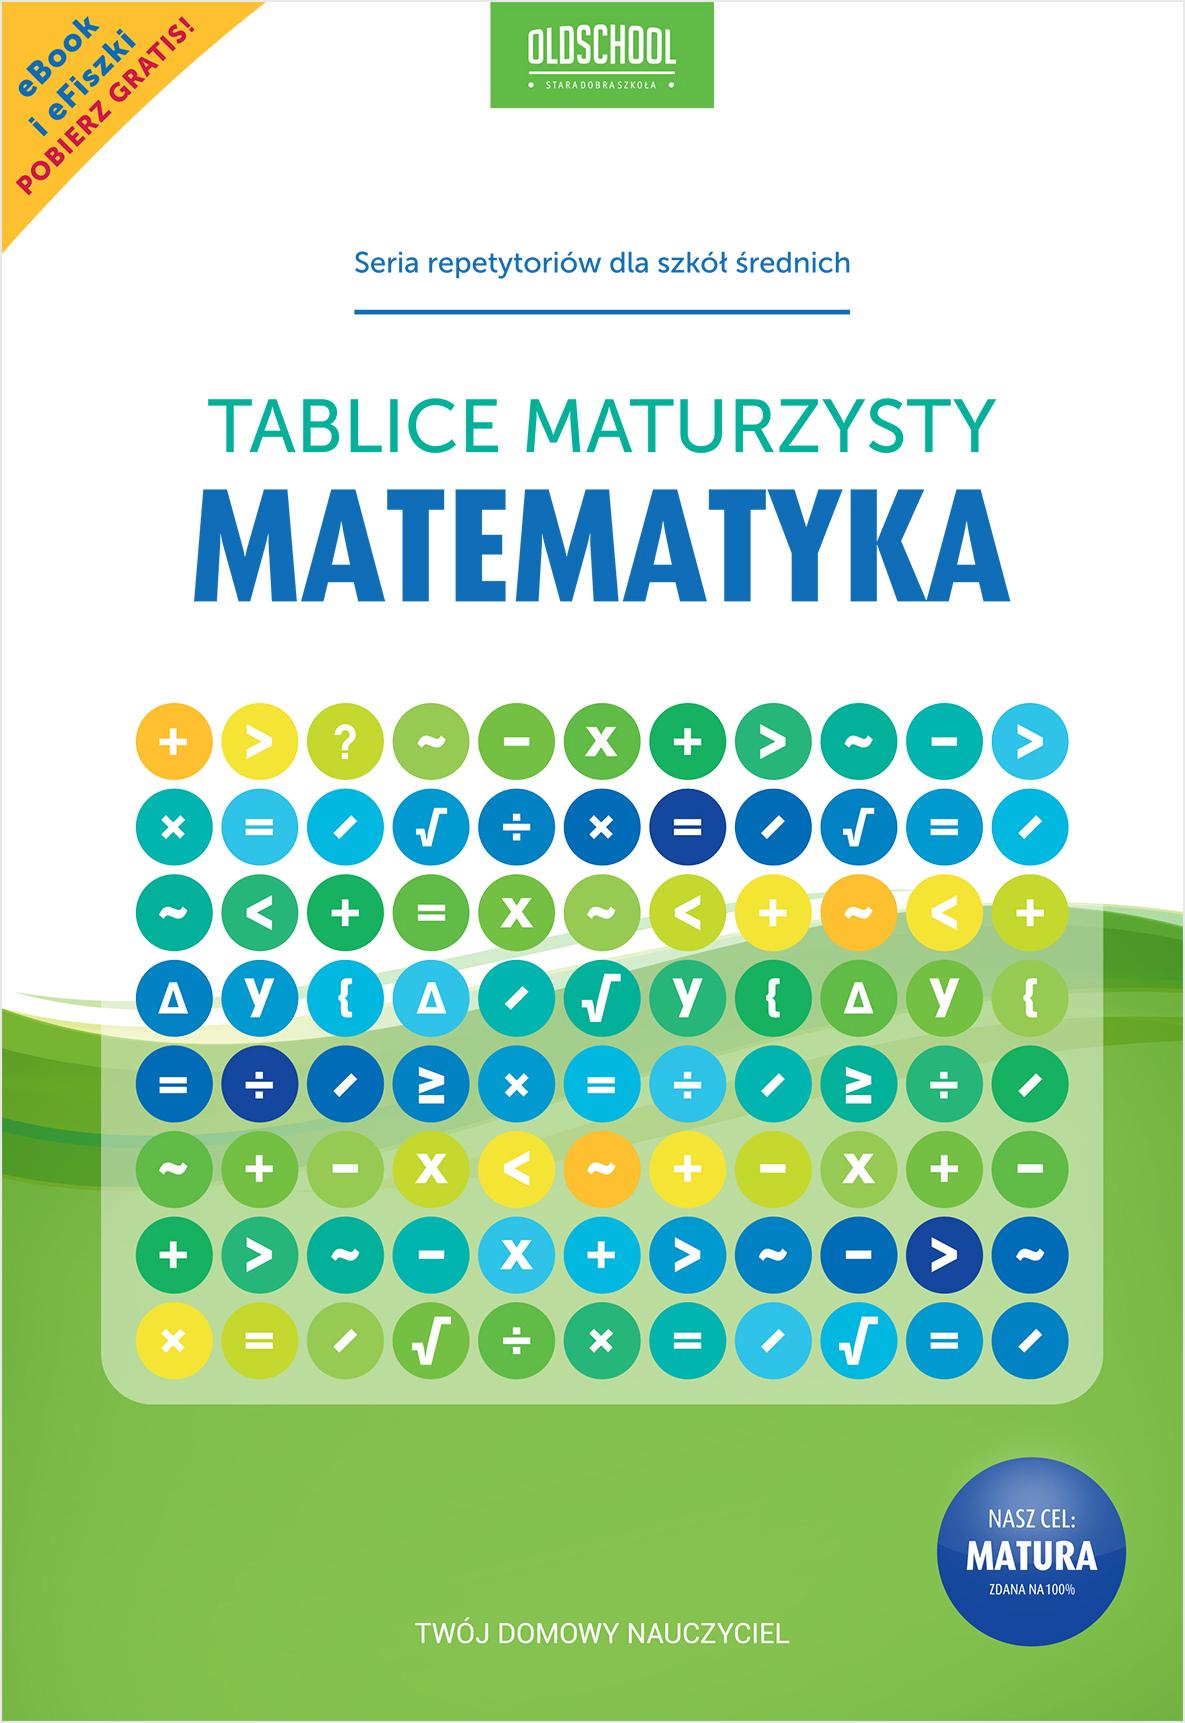 matematyka_maturzysta